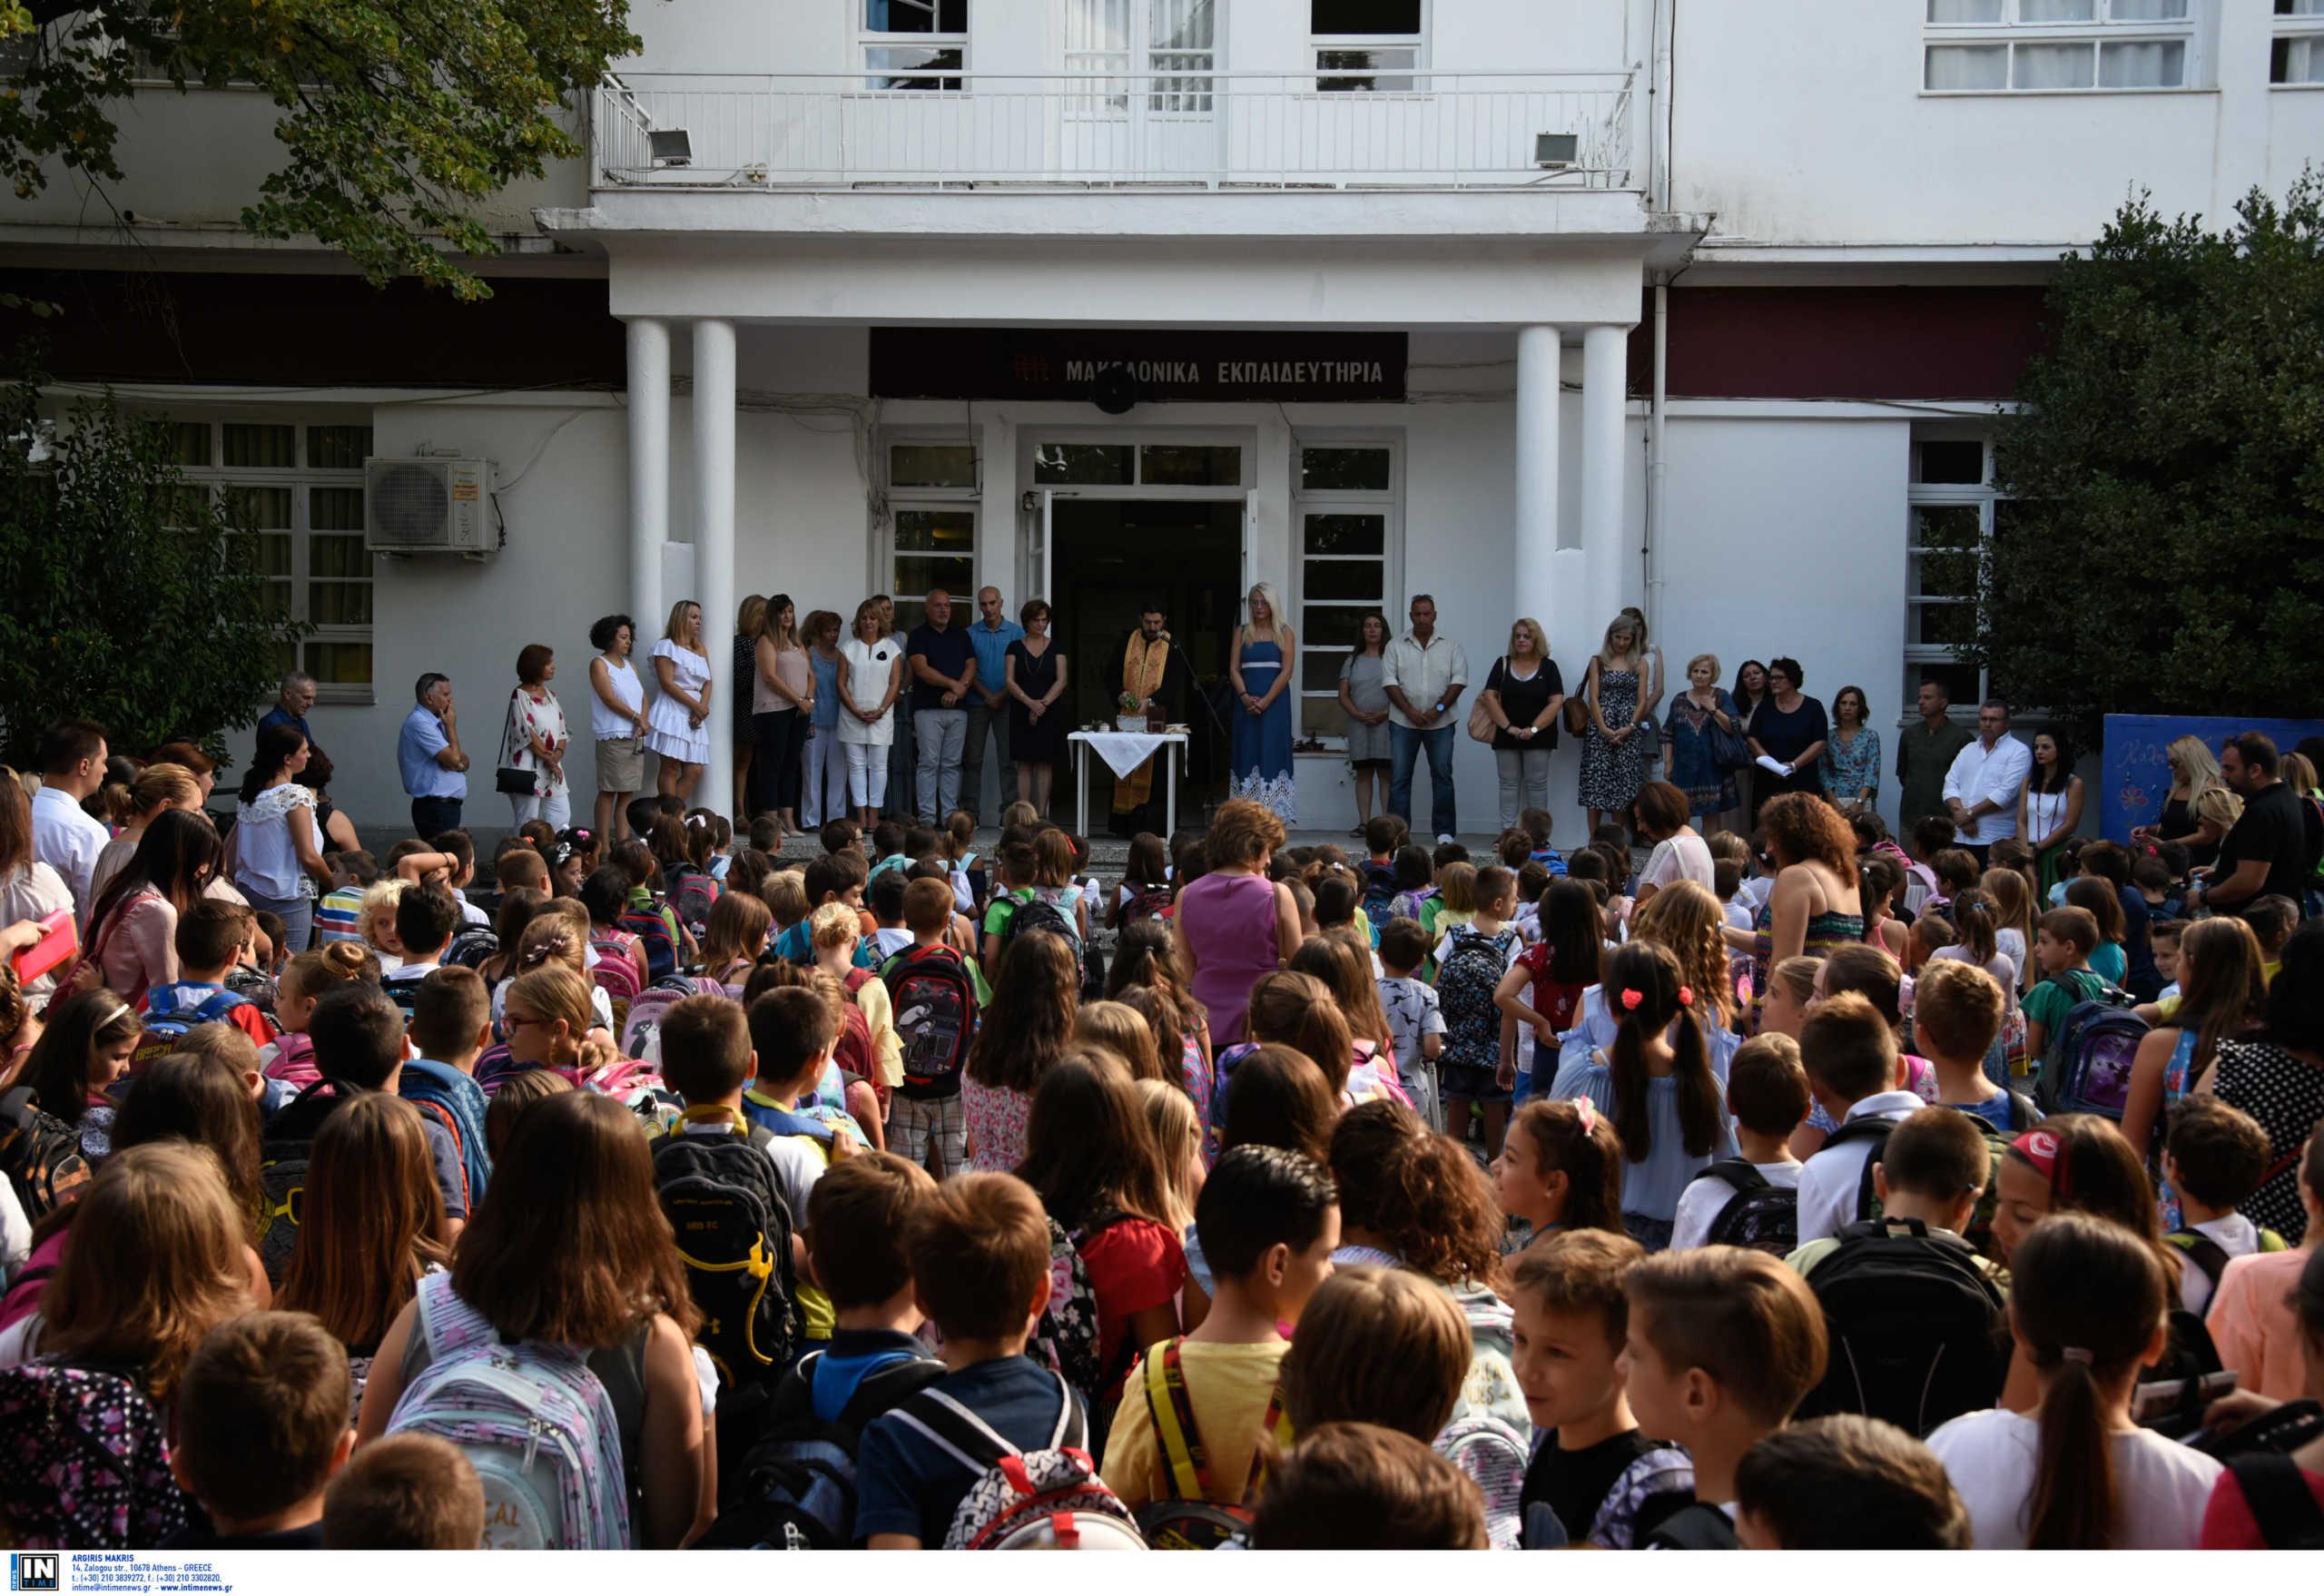 Έτσι θα γίνει ο αγιασμός στα σχολεία – Αναλυτικά η εγκύκλιος του υπουργείου Παιδείας